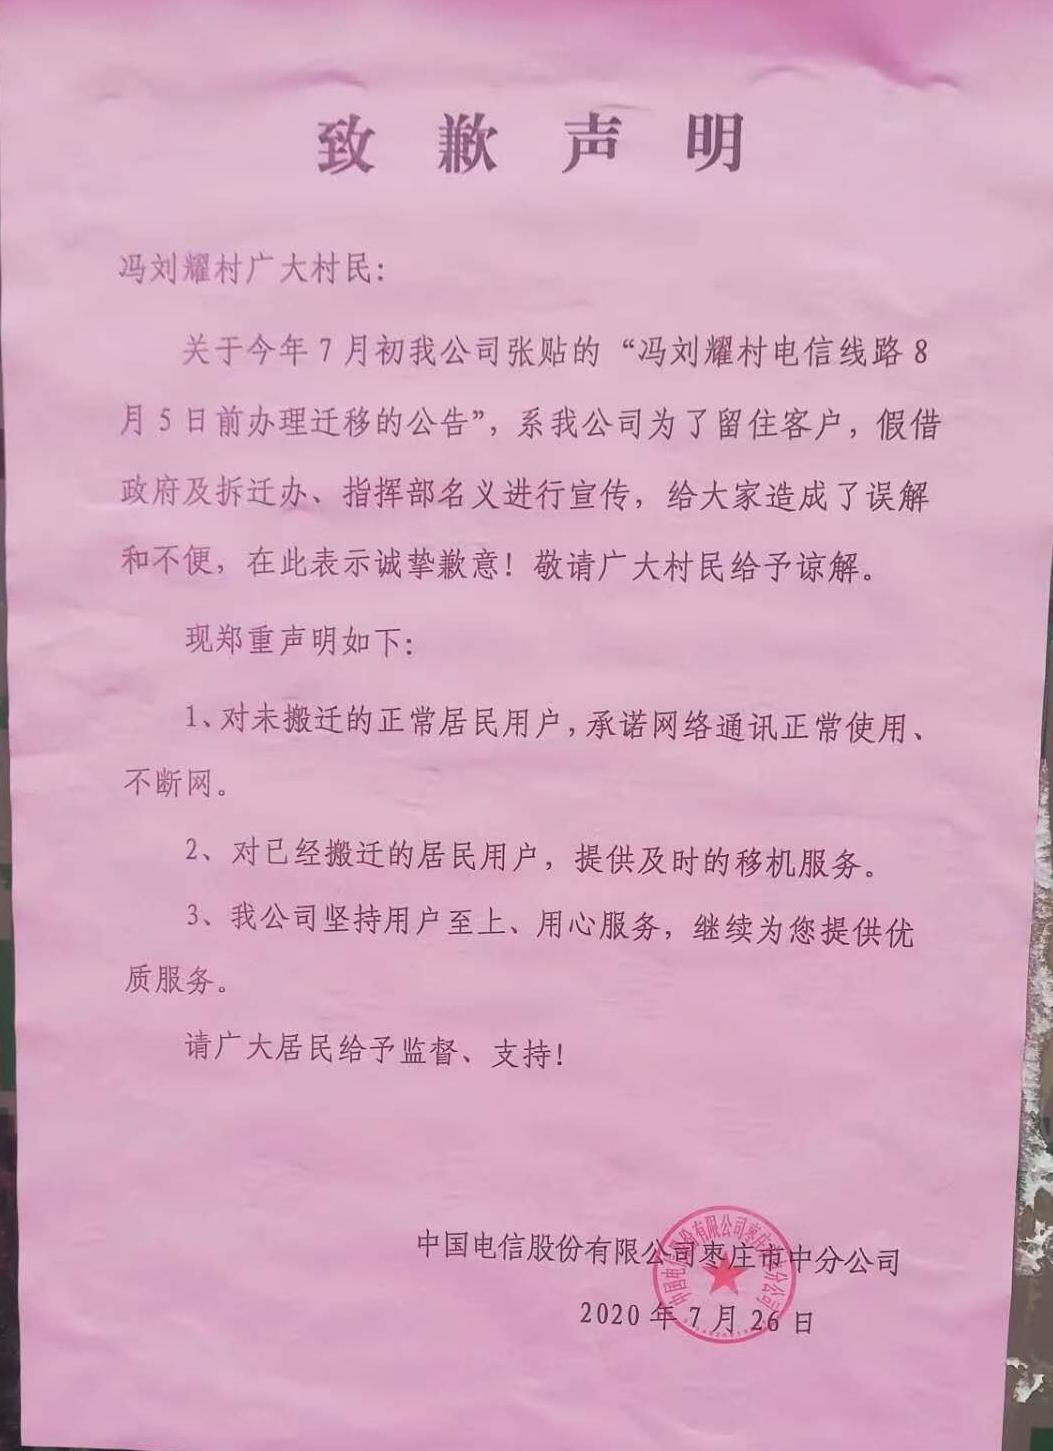 【酷狗怎么上传音乐】_中国电信一分公司致歉:假借政府及拆迁办、指挥部名义宣传